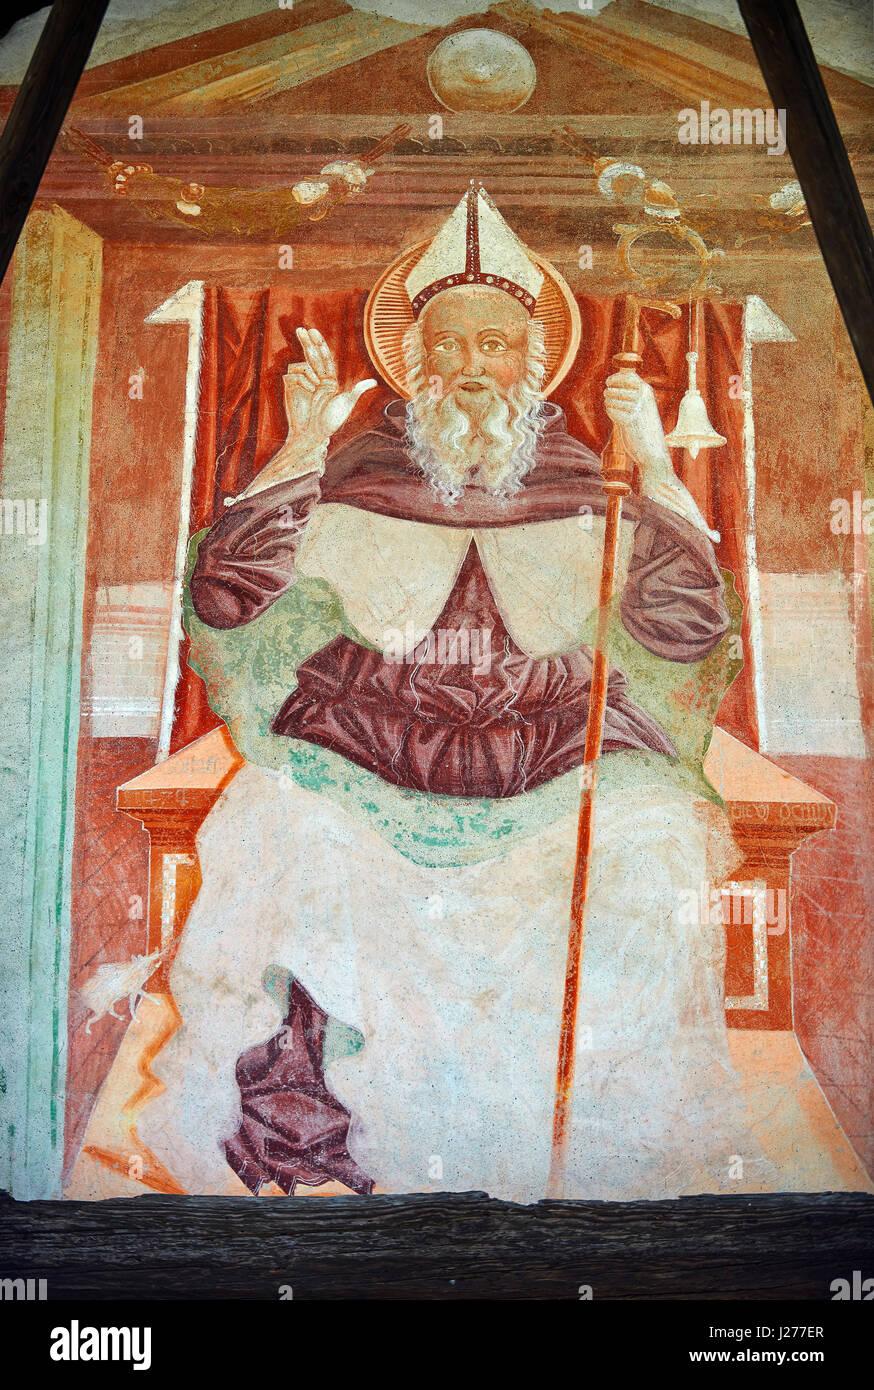 Religiöse Wandgemälde des Heiligen Antonio Abate ein Thron oben mit den kanonischen Symbolen einer Glocke Stockbild